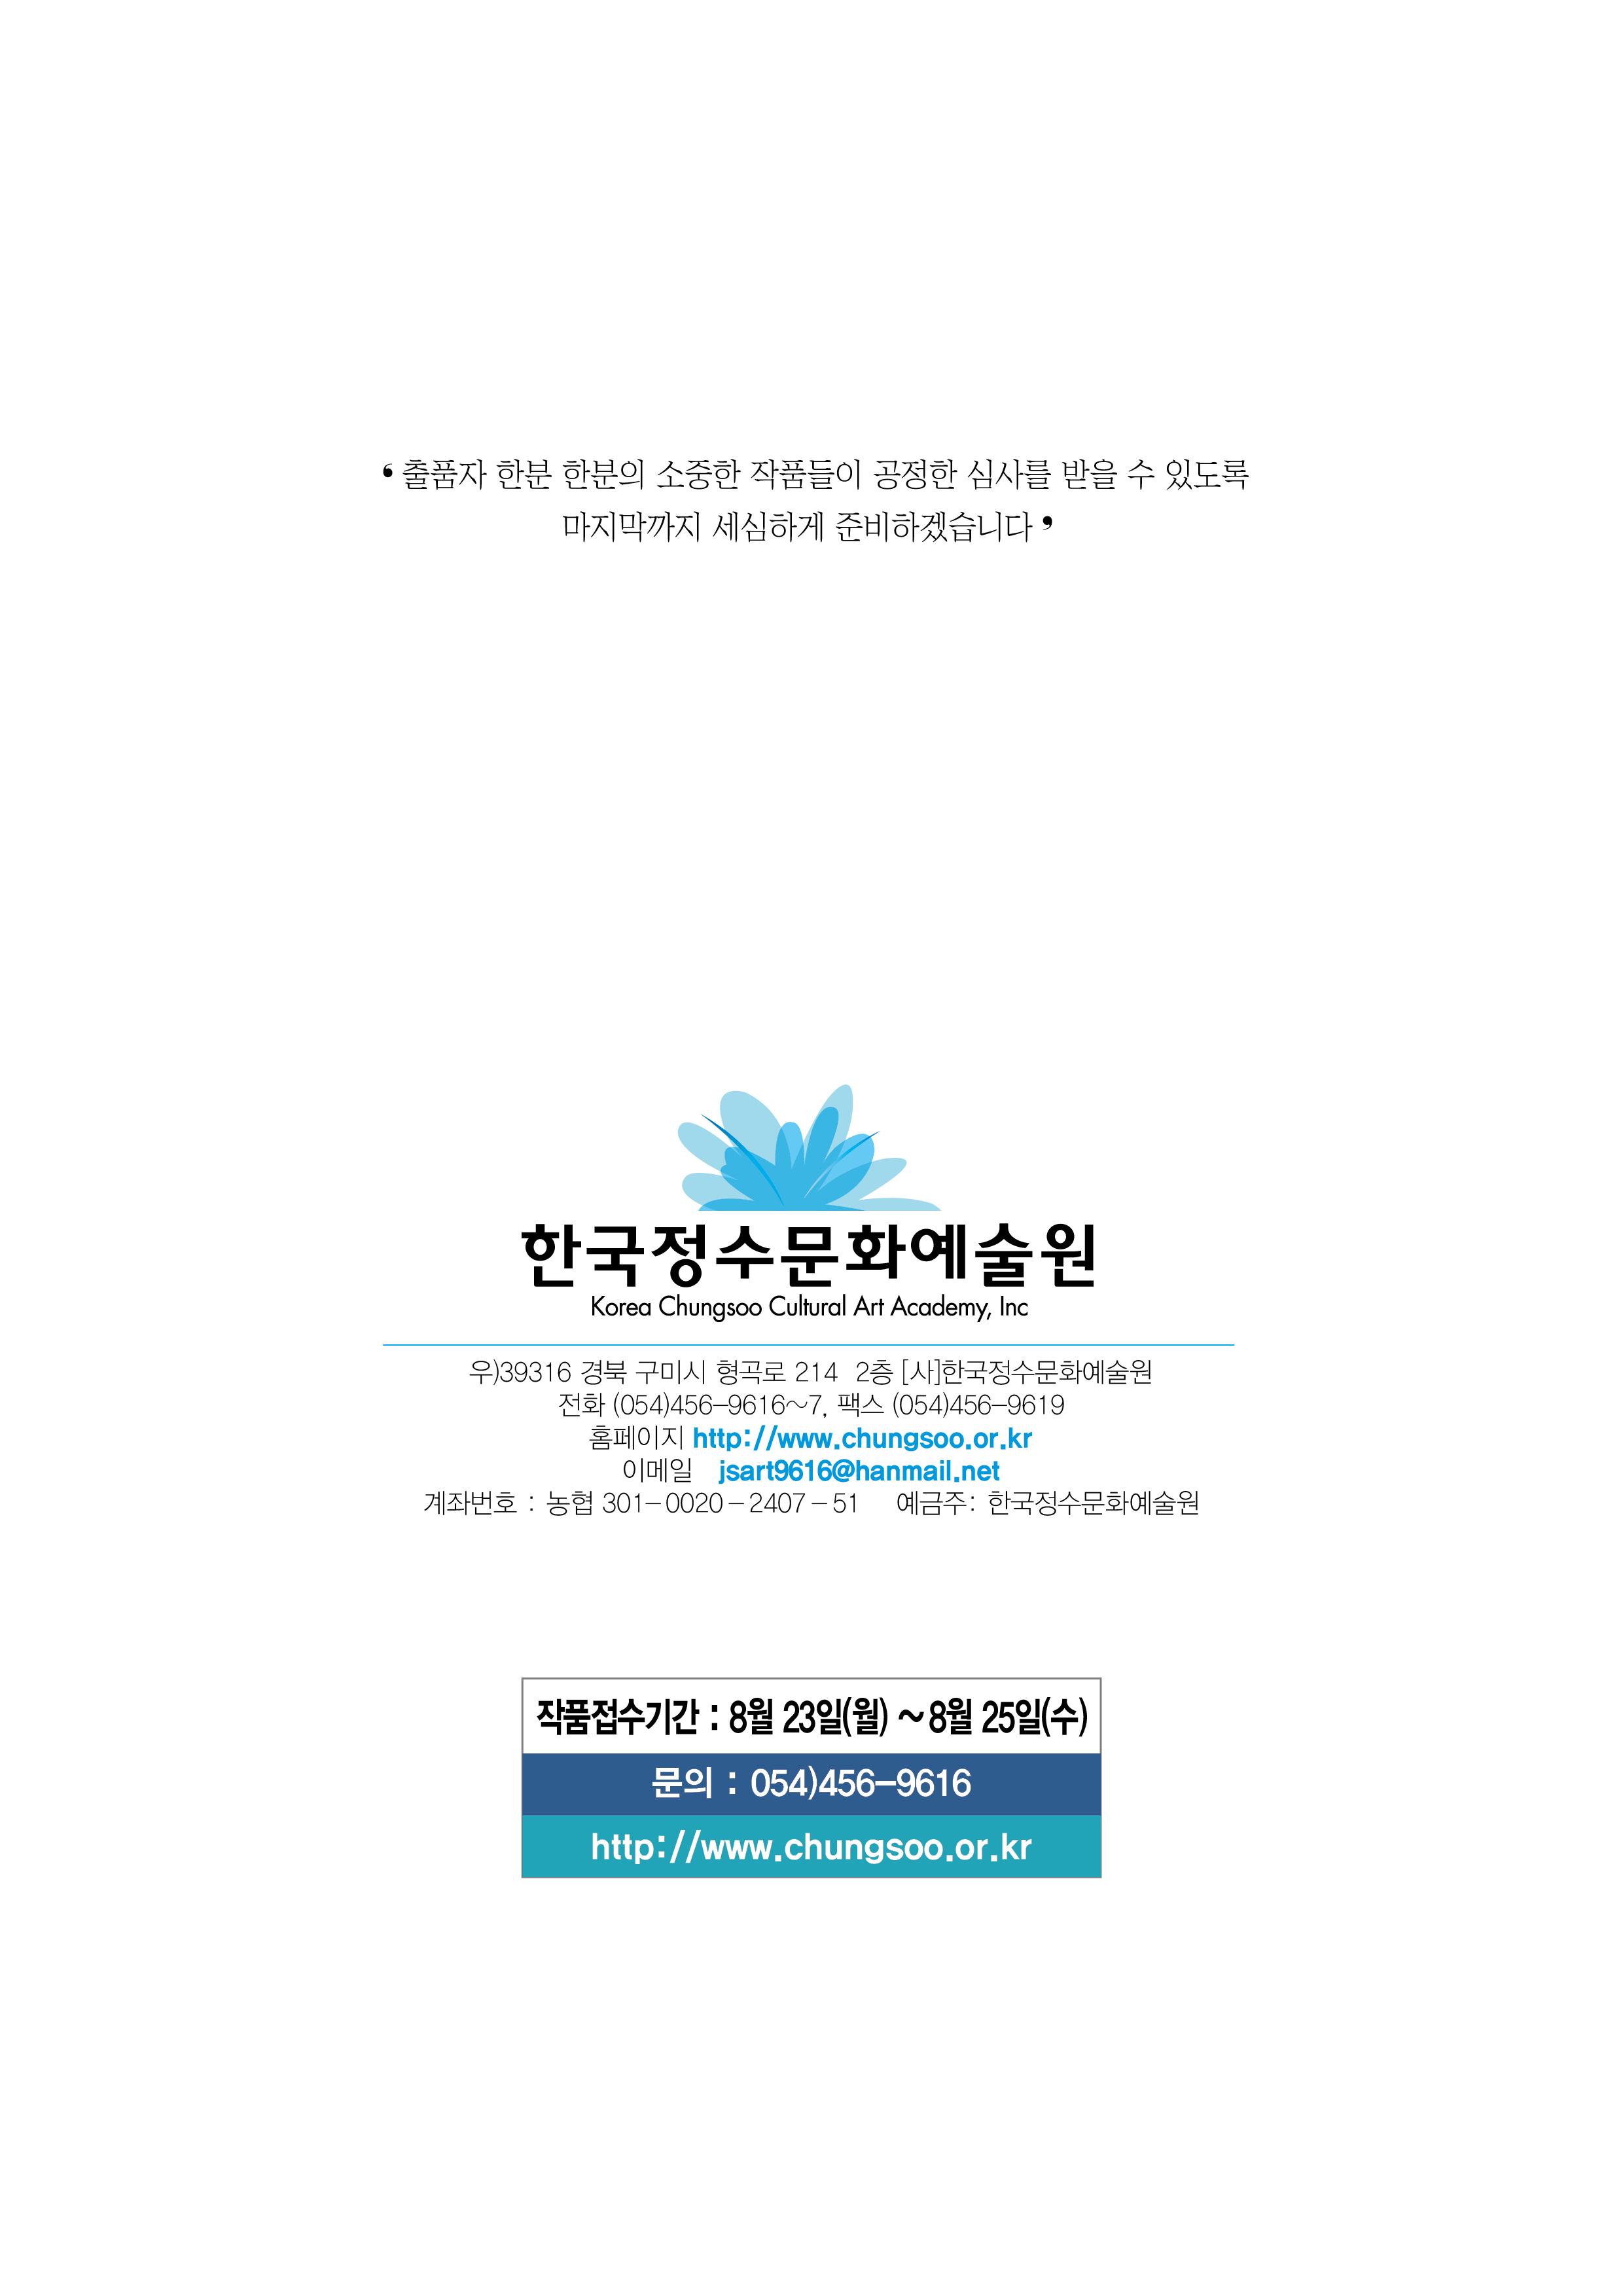 제22회 한국정수 사진대전-공모요강4.jpg